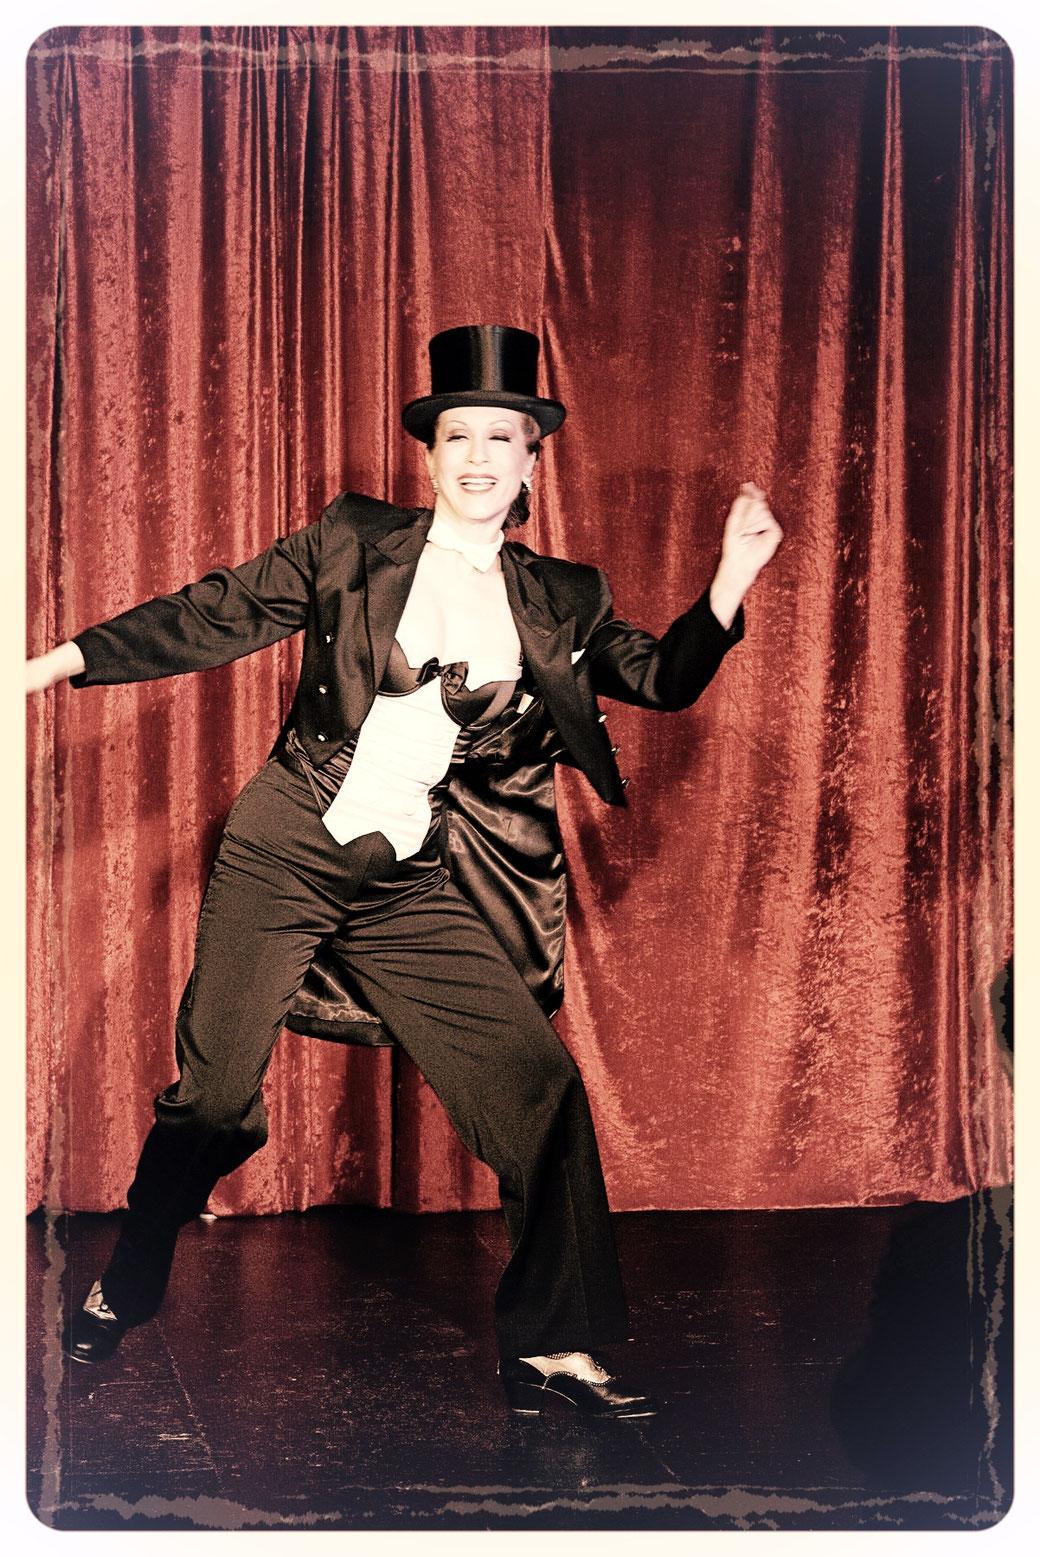 Steptänzerin Dixie Dynamite mit rasantem Steptanz ganz klassisch im eleganten Frack. Tap Dance made in Germany, inspired by old Hollywood musicals.